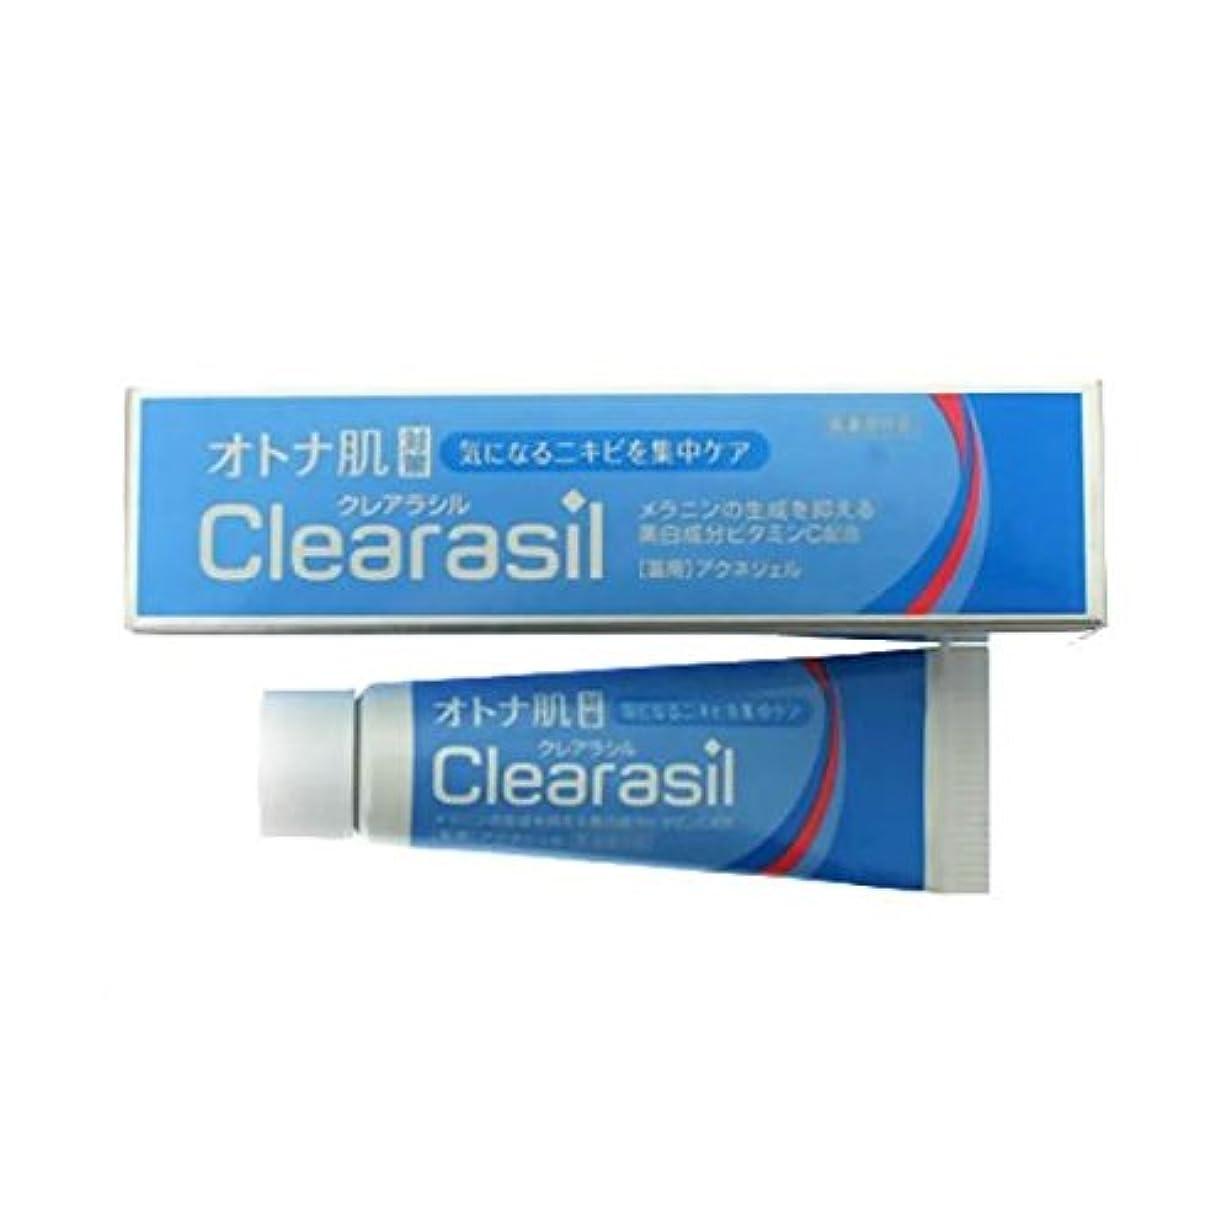 気候の山シンク再集計オトナ肌対策クレアラシル 薬用アクネジェル(14g) ×2セット